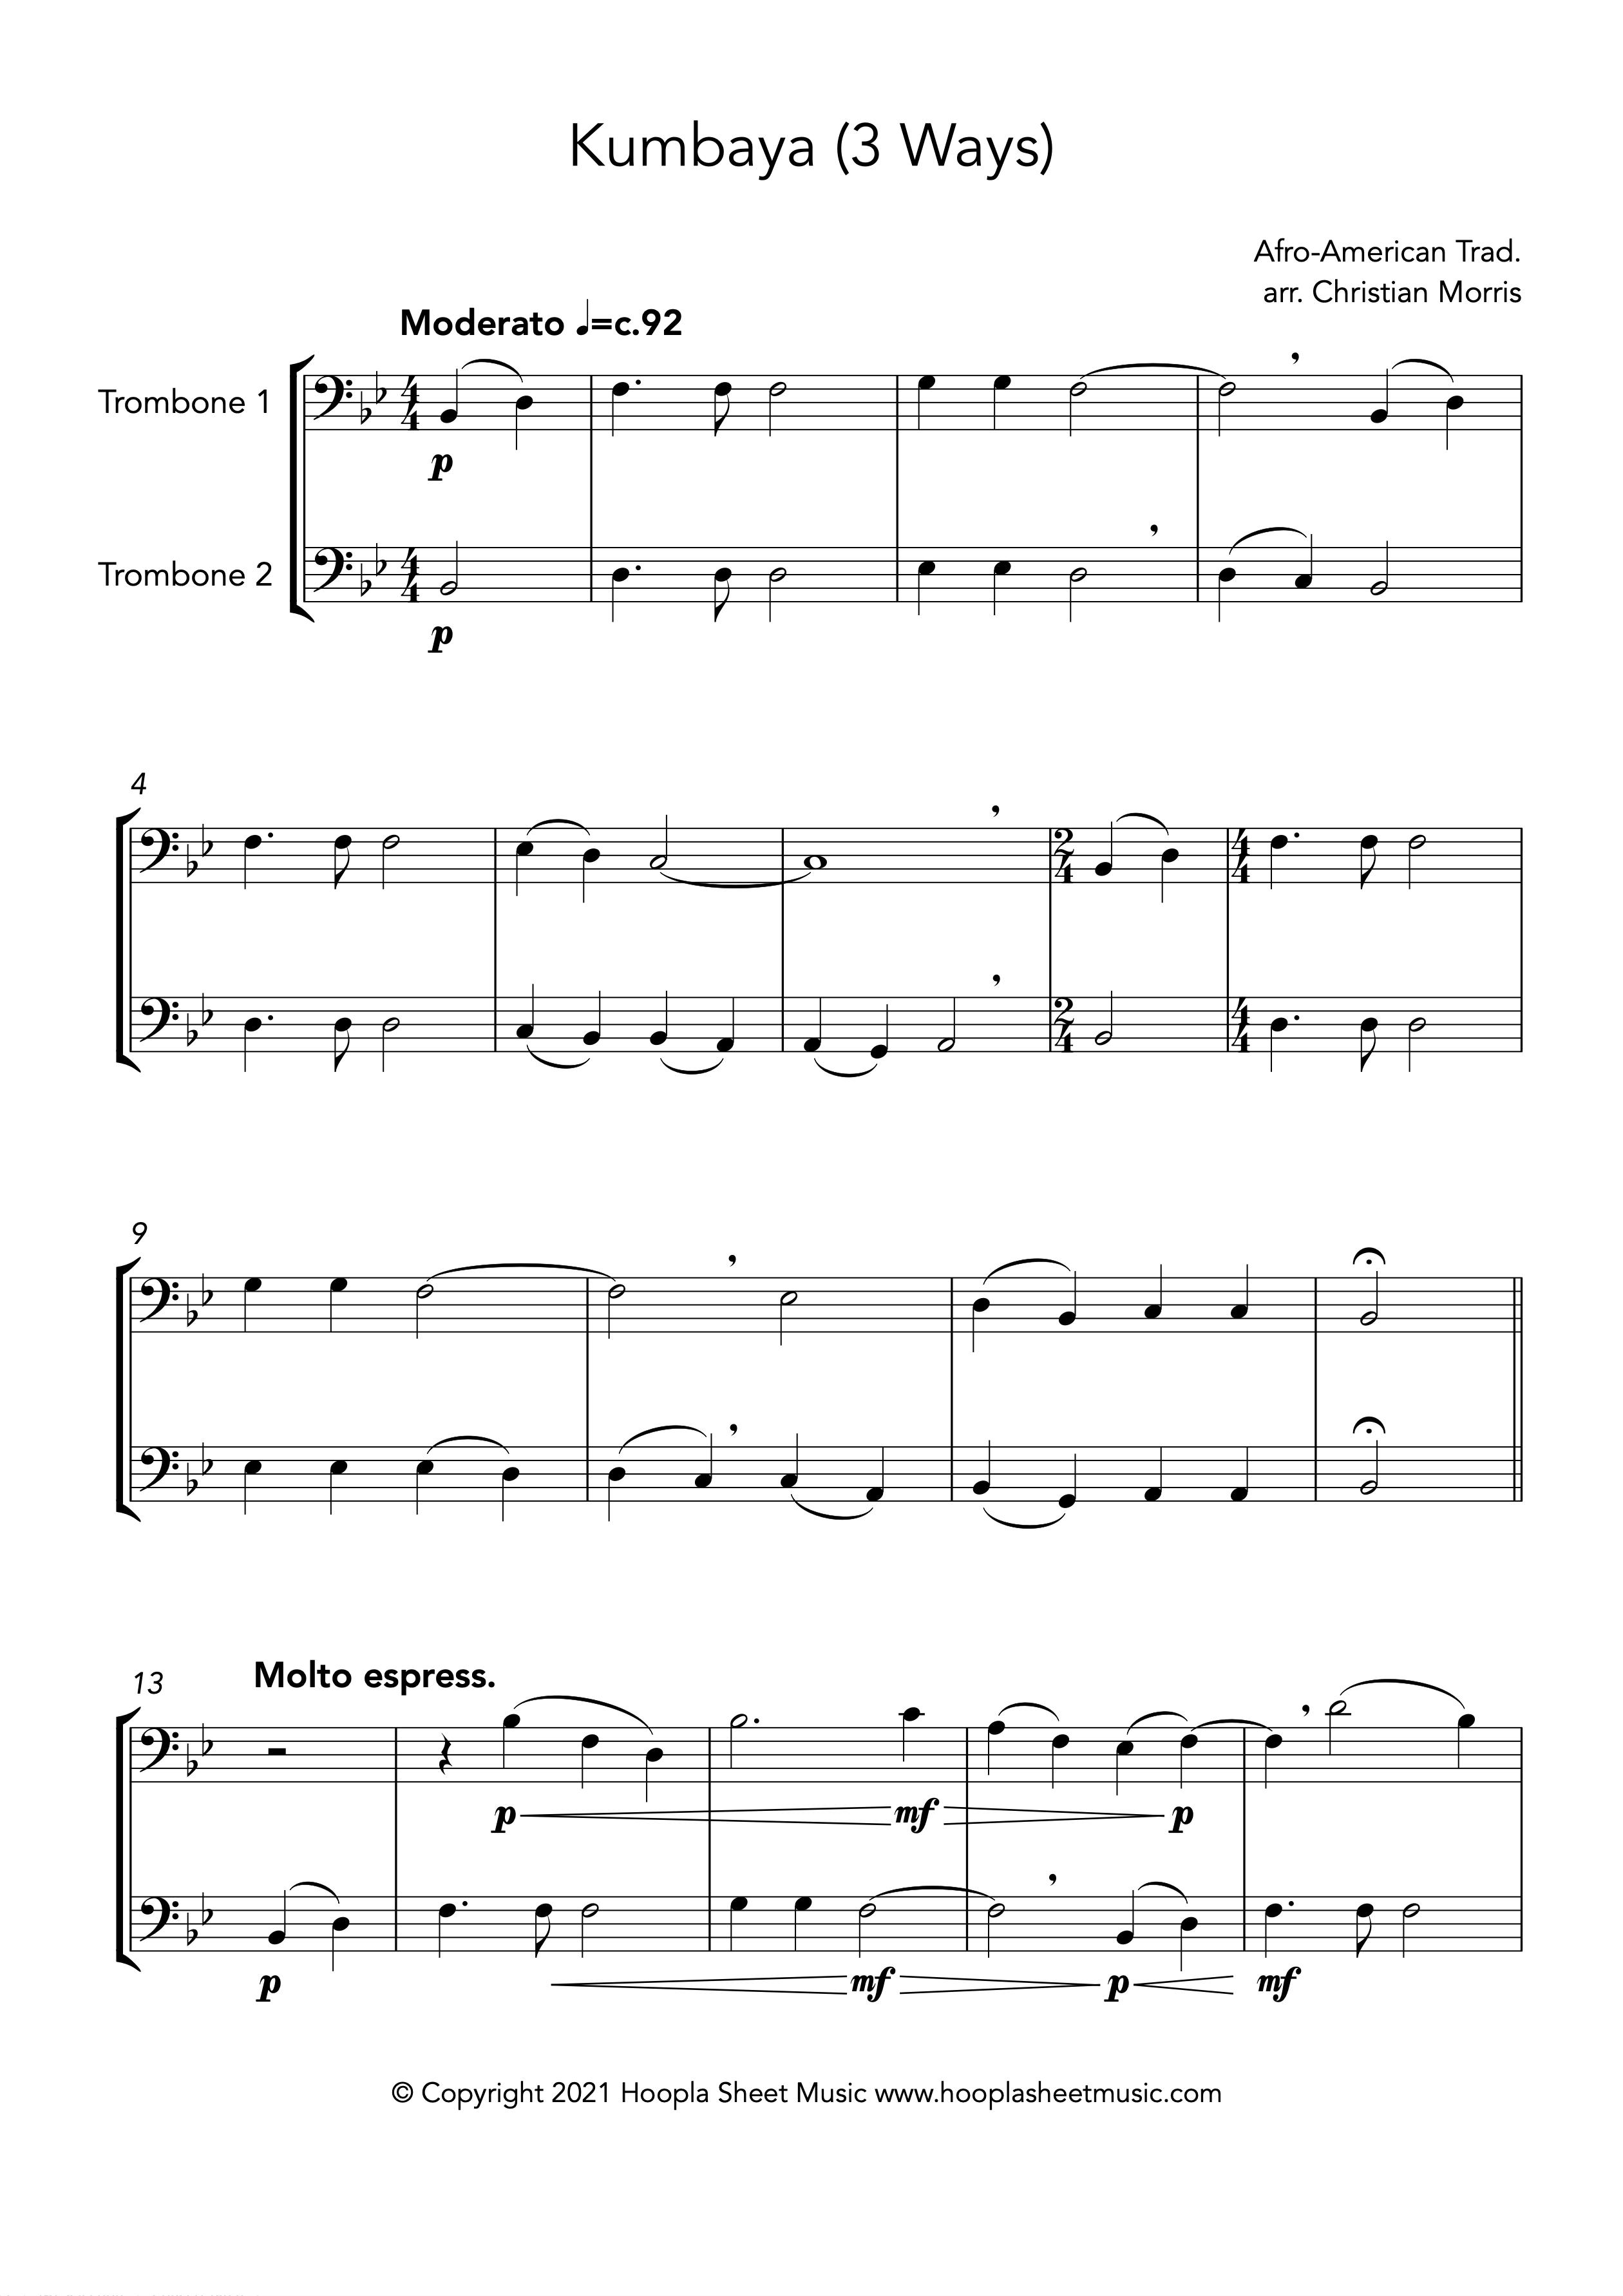 Kumbaya (Trombone Duet)